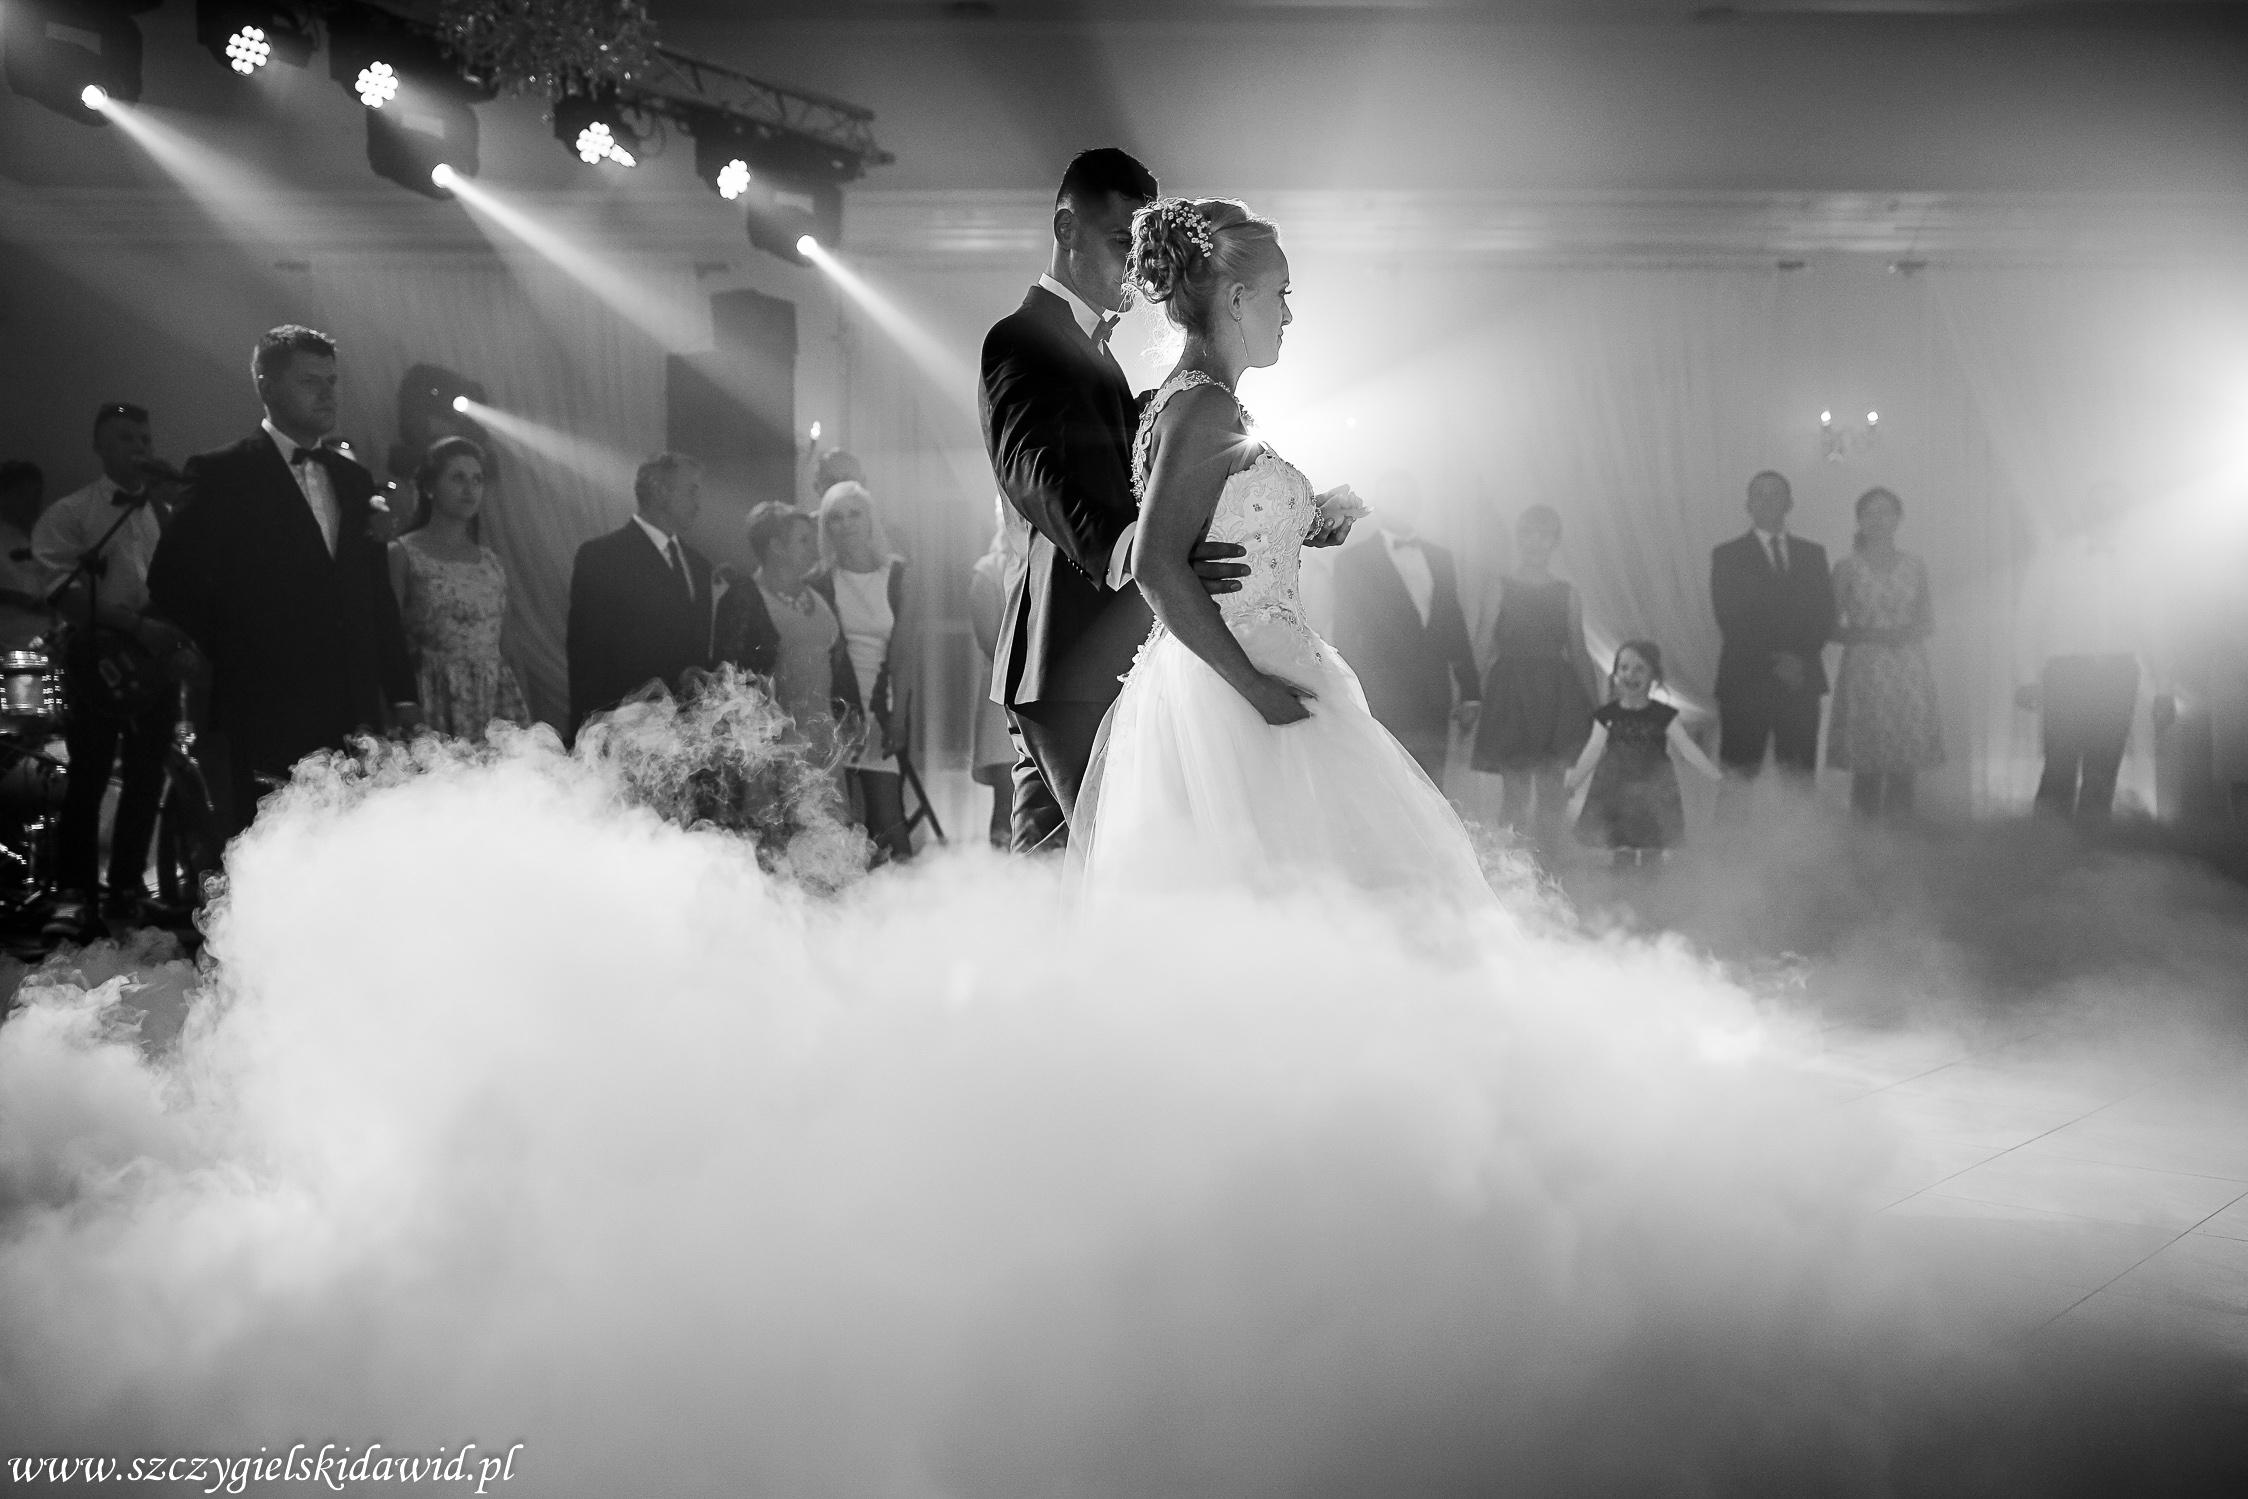 Ania i Emil ślubnie